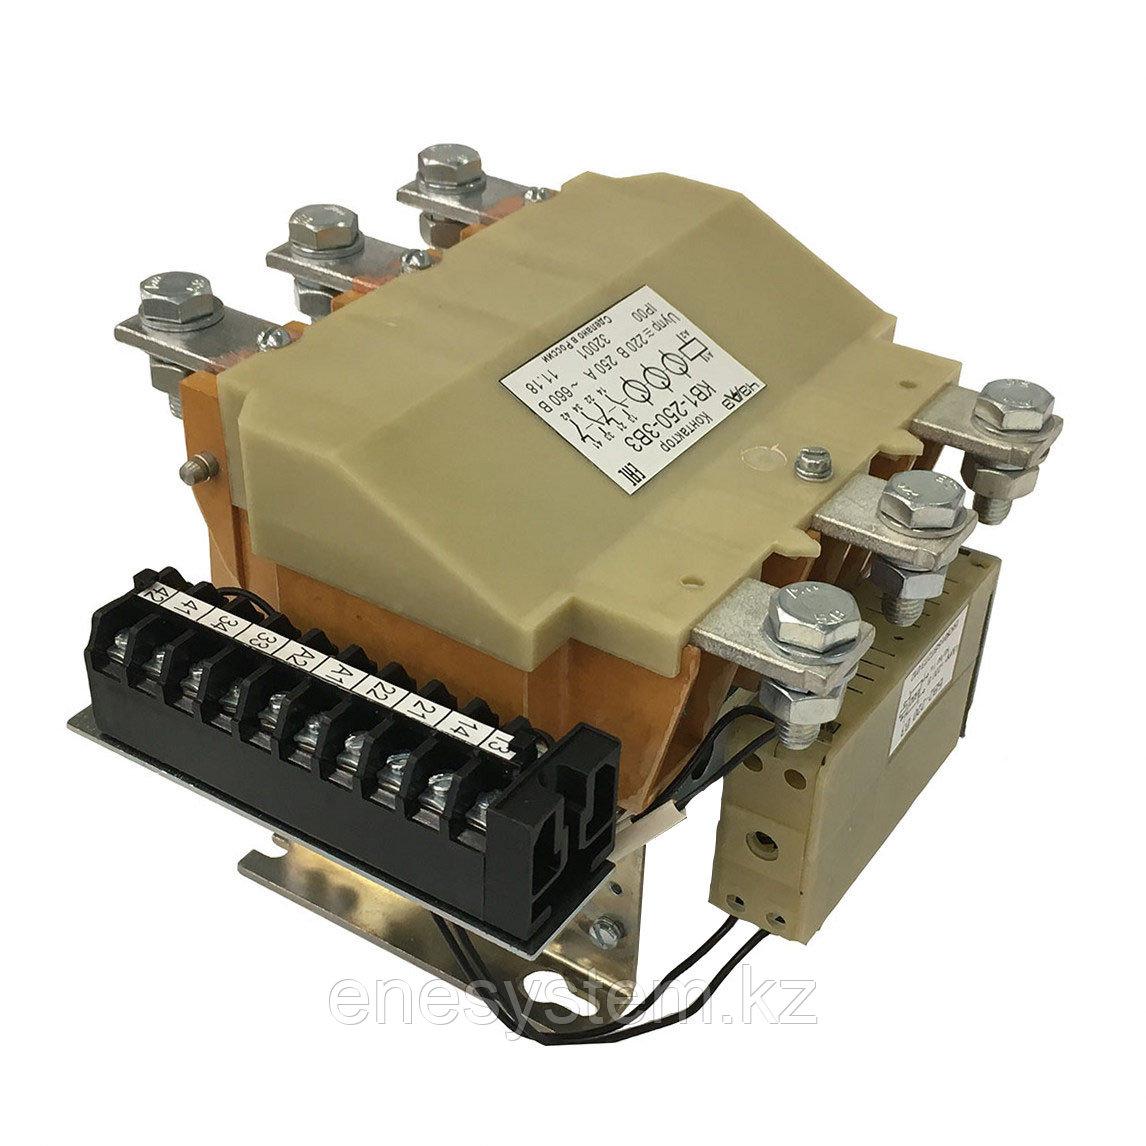 Контакторы вакуумные трехкамерные КВ-1-400-3